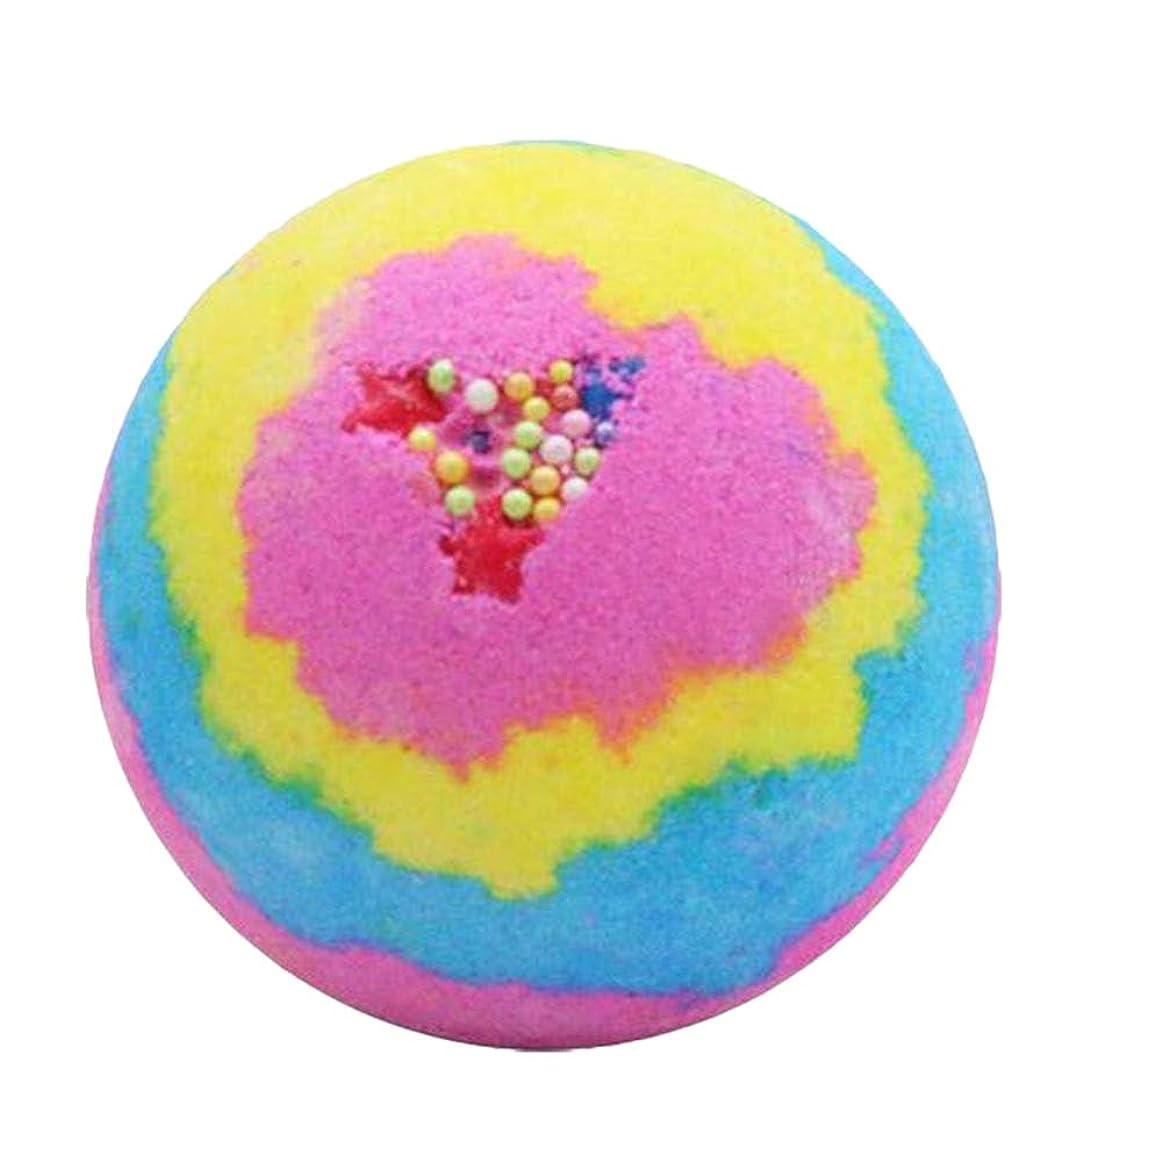 キノコ失効島TOOGOO レインボー ローズ入浴ボムズボール、スパ 誕生日プレゼント 潤いを与えます 女性のため、彼女のためのバスボムギフト